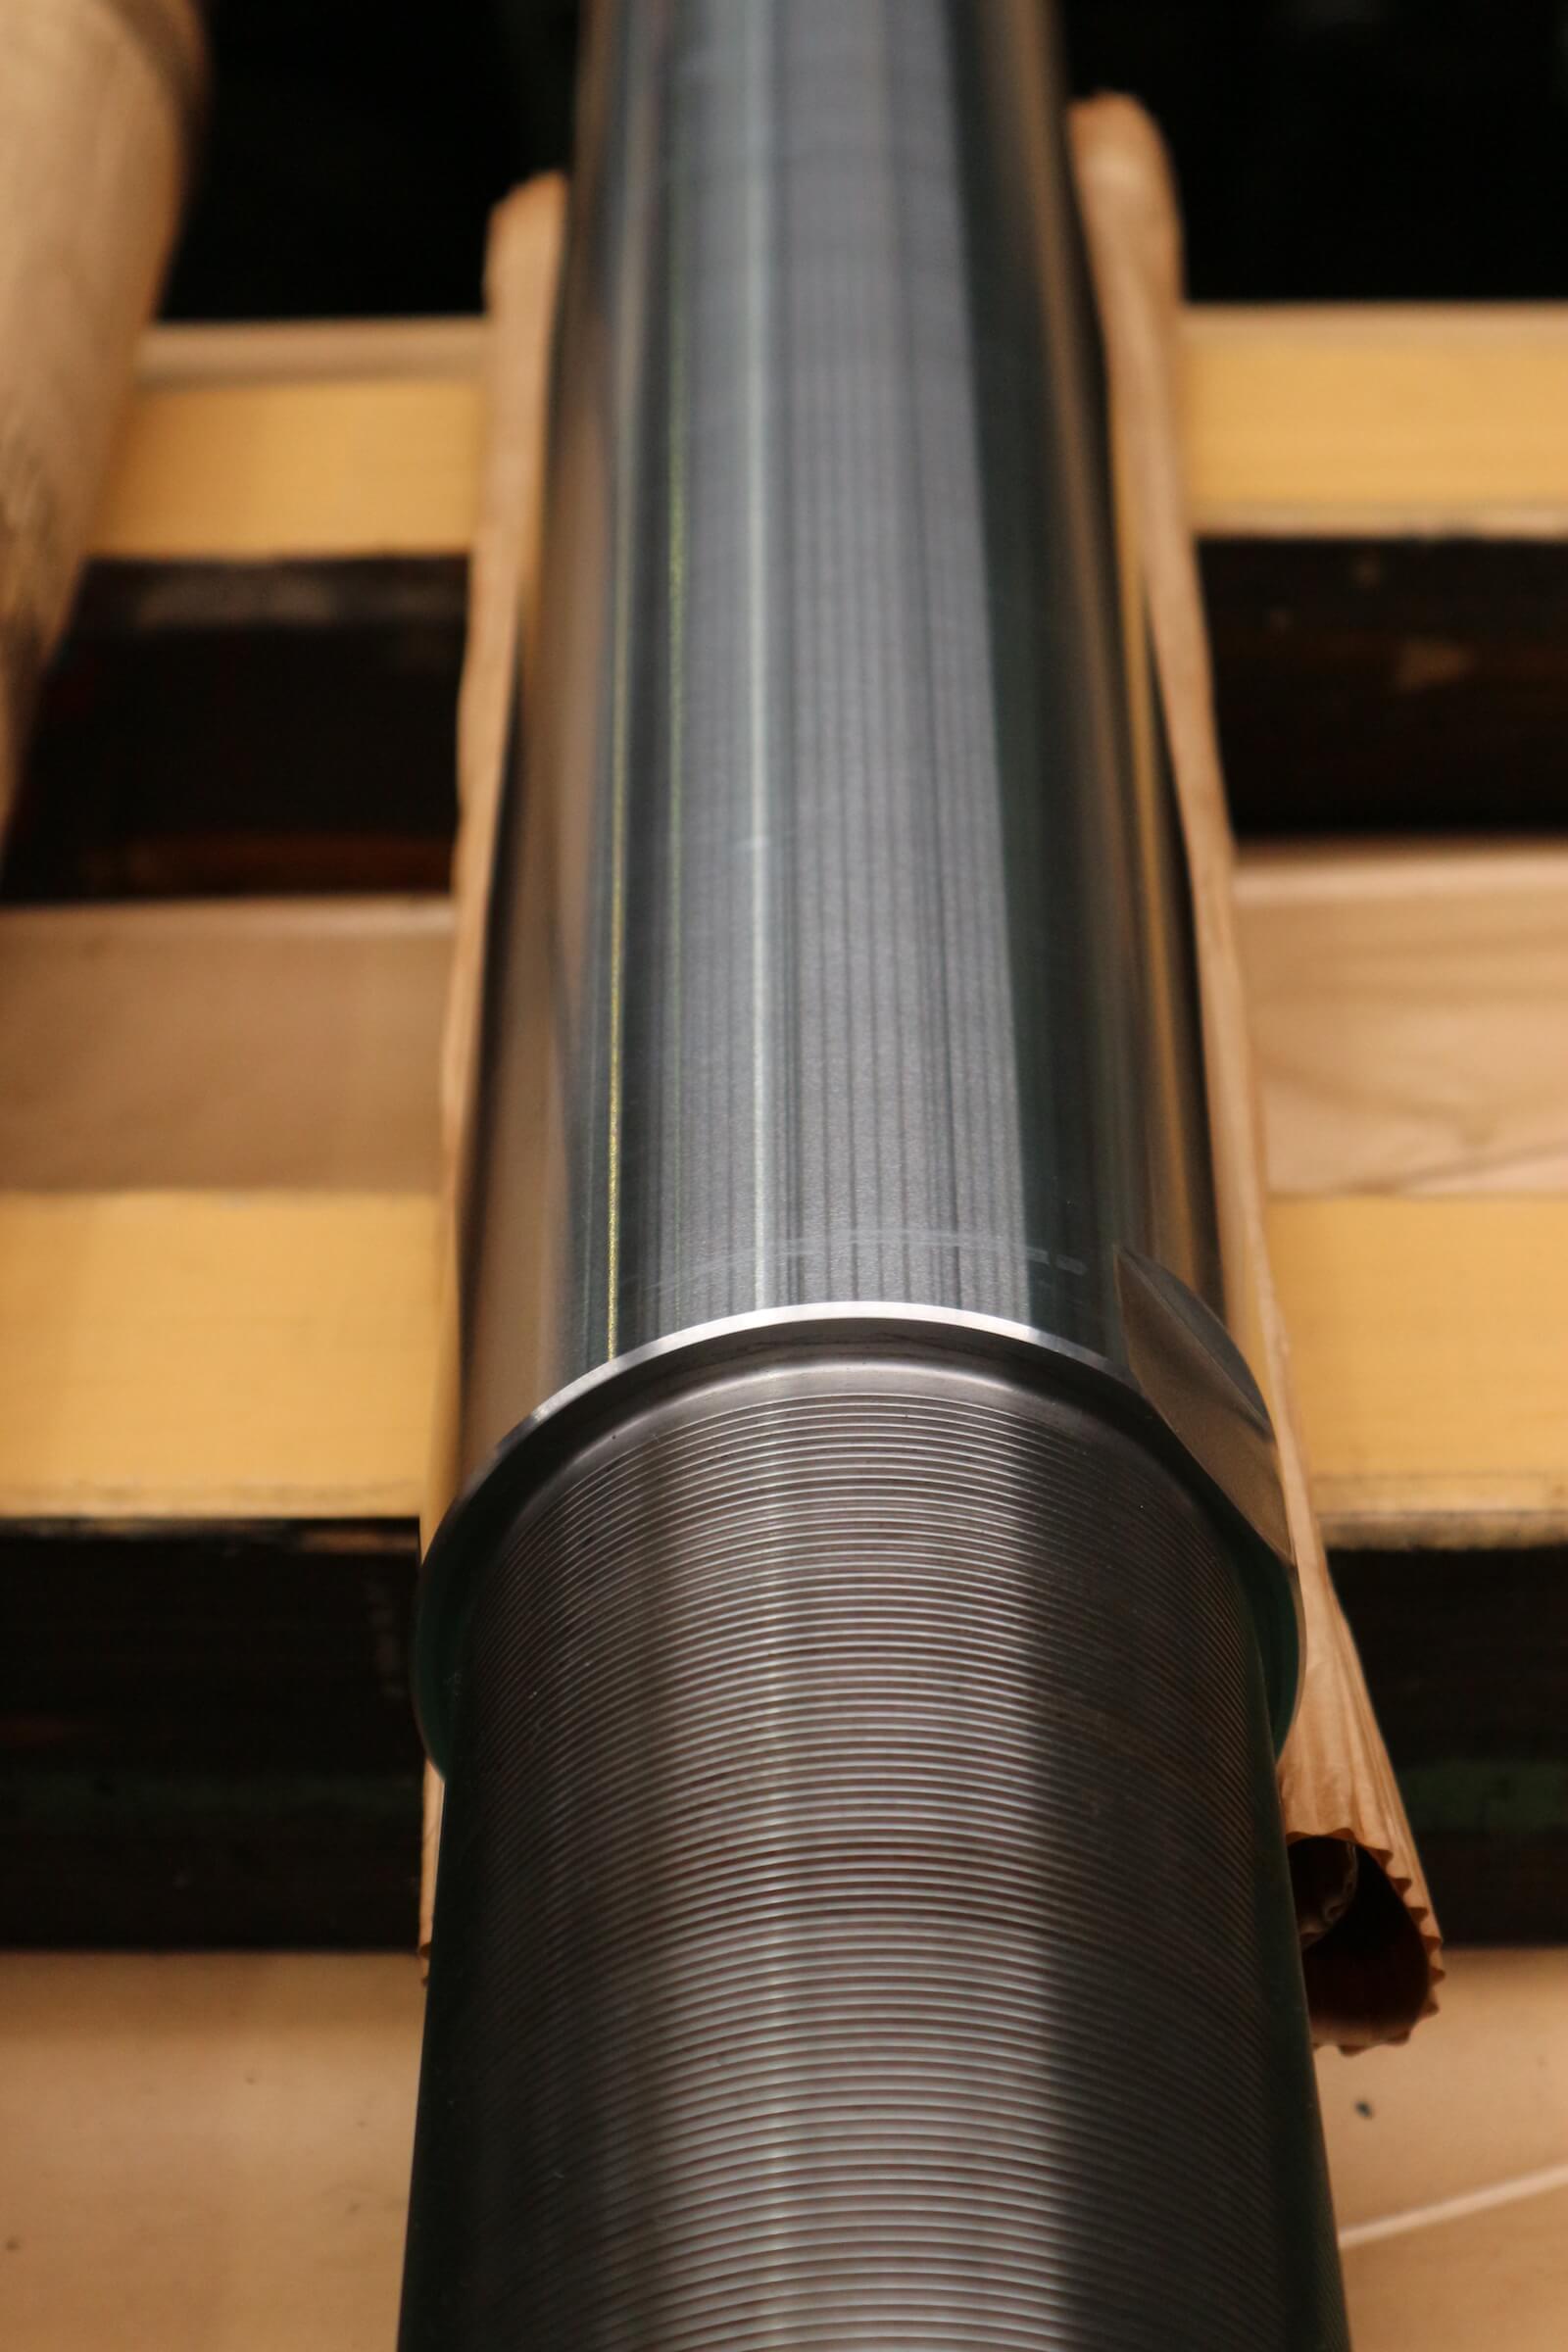 微粉砕用竪型ミルのローラ 圧下用シリンダー ロッド